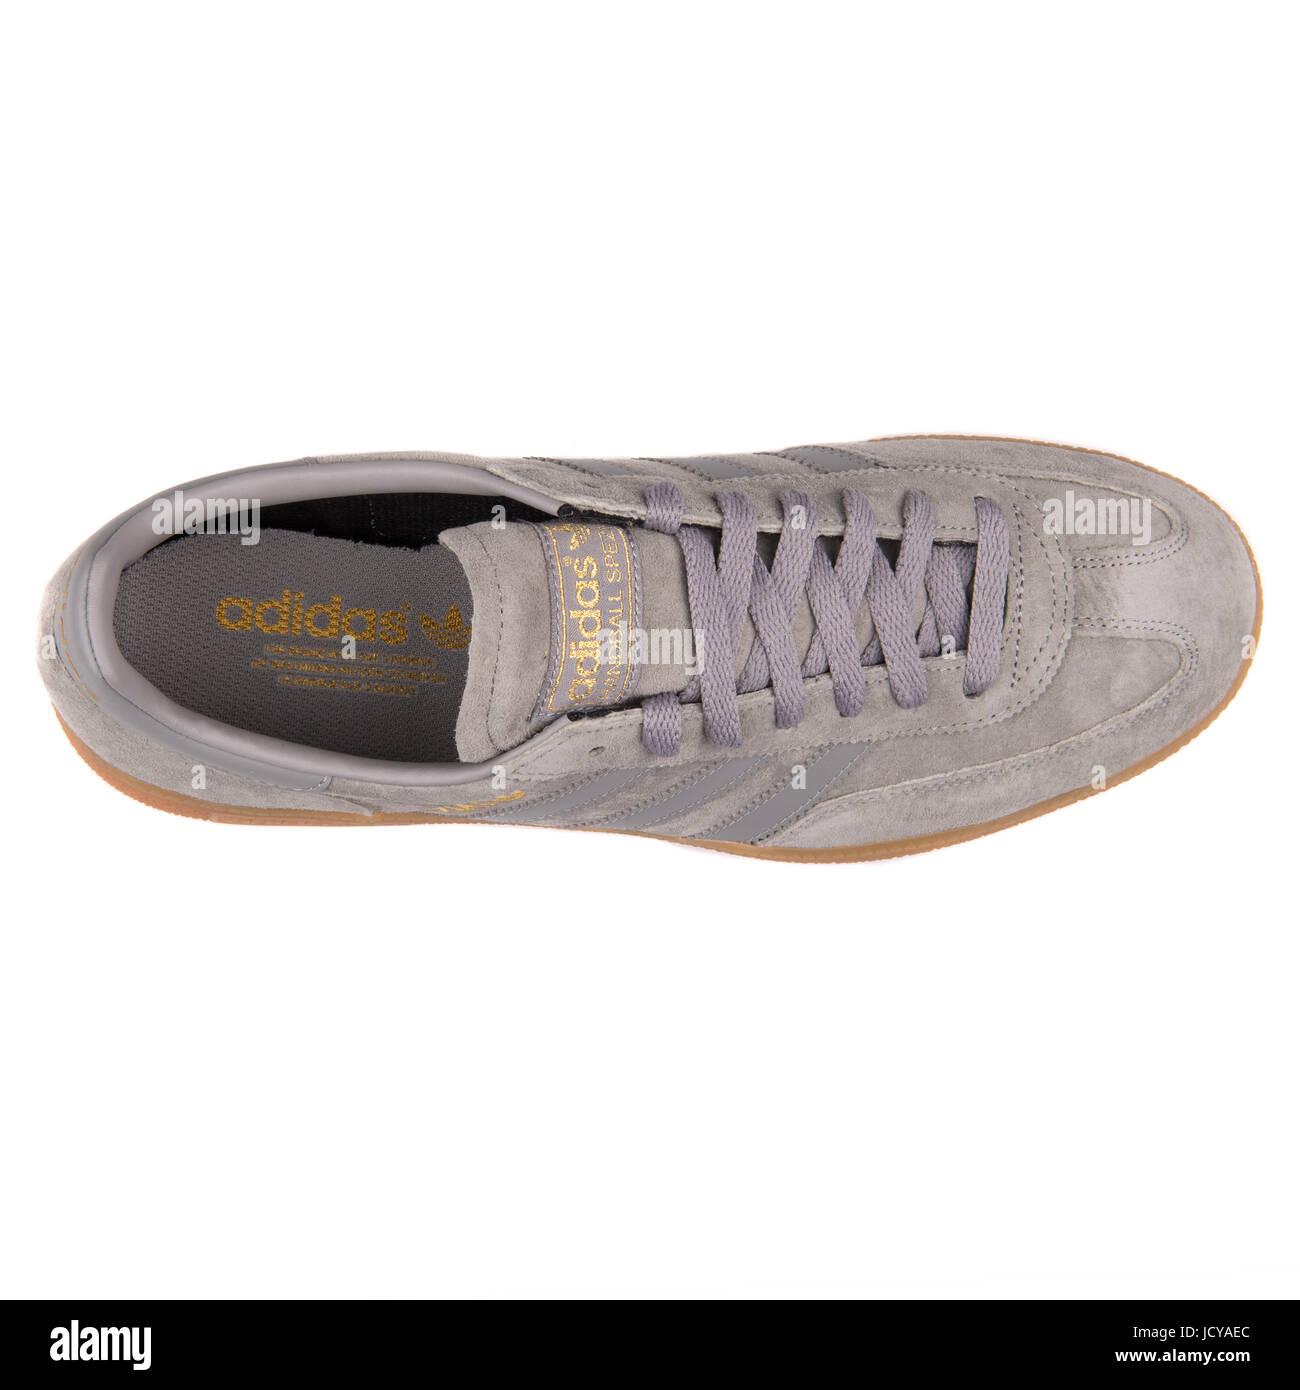 Adidas Spezial Grey Men's Sports Shoes - B35207 Stock Photo - Alamy